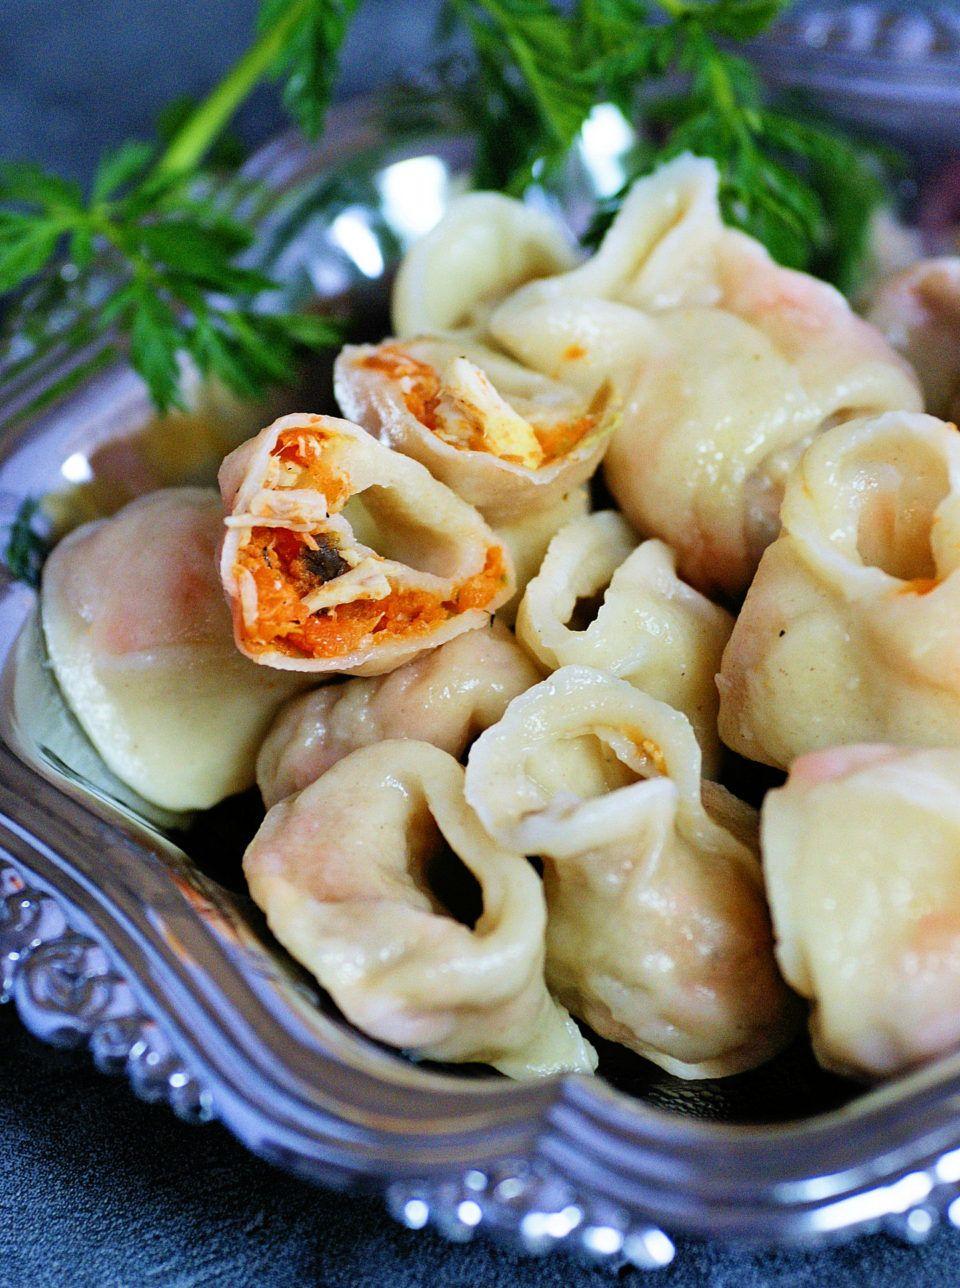 Warzywne Kolduny Vegetarian Dishes Food And Drink Food